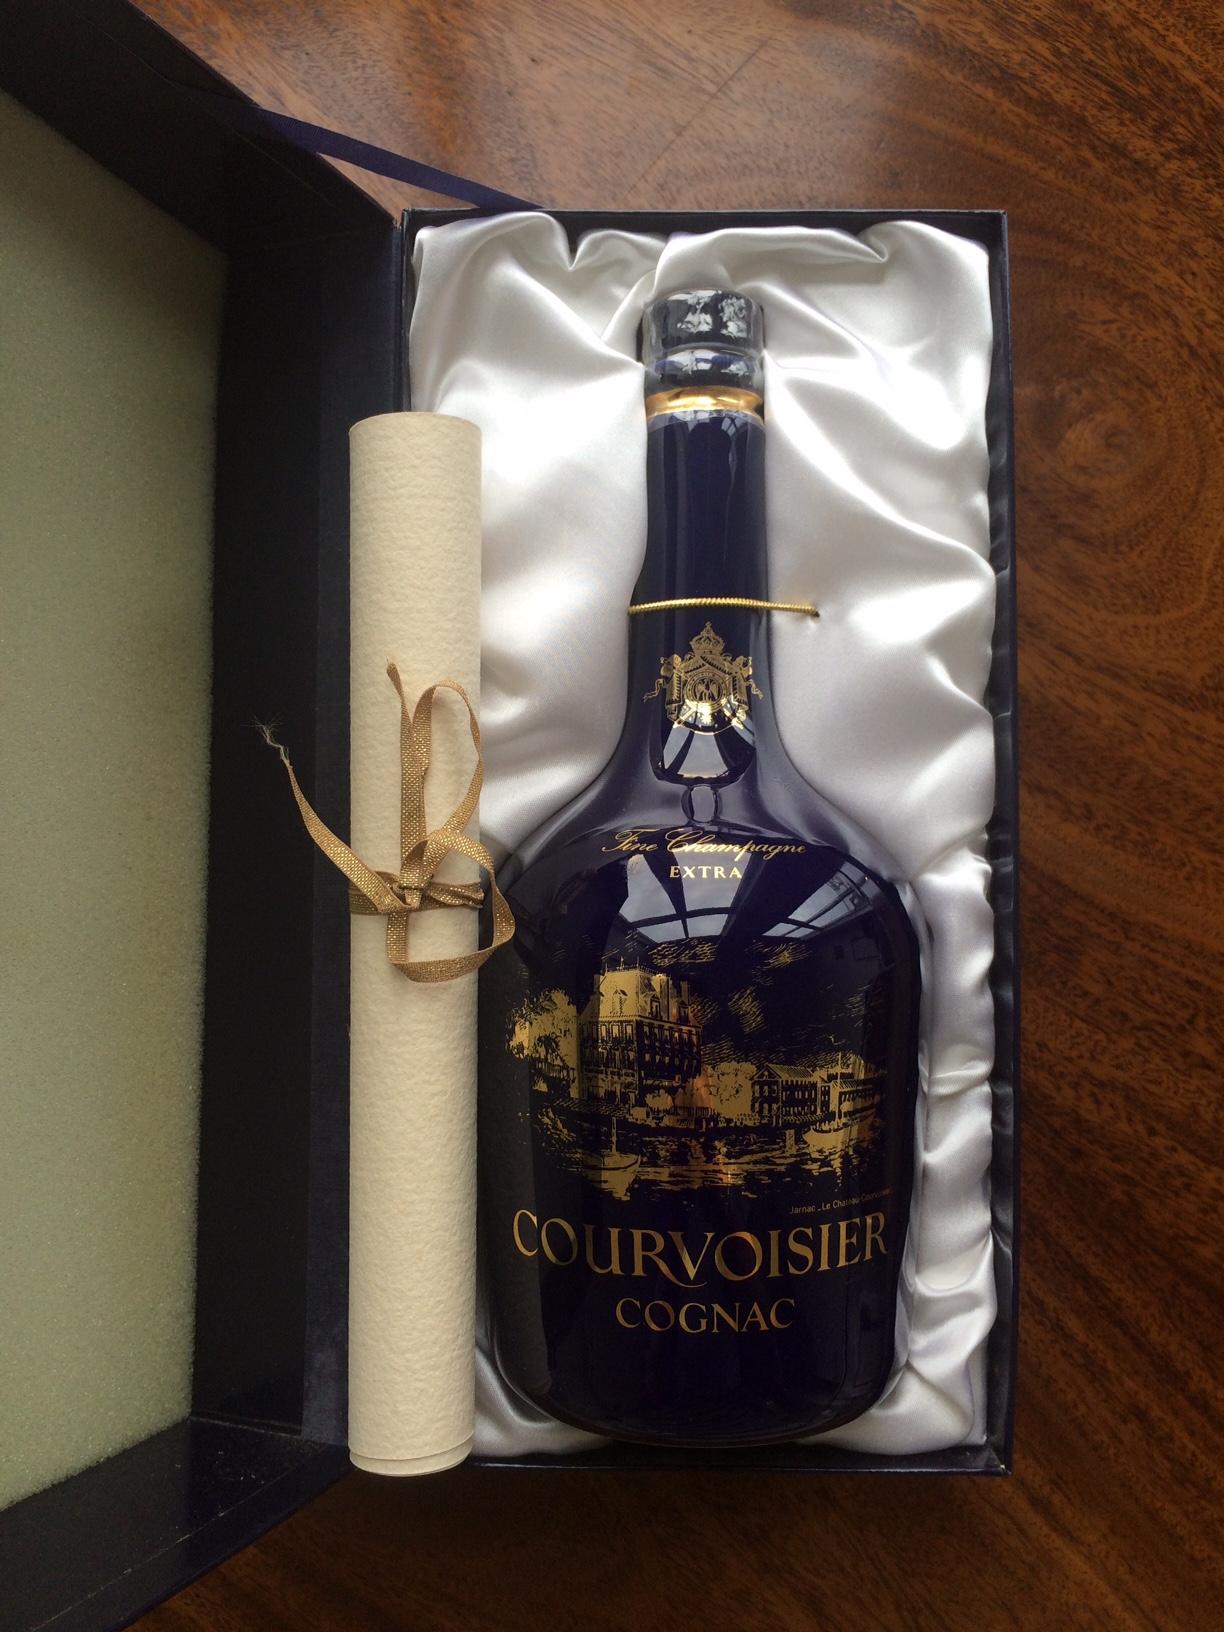 Chateau Limoges Extra Courvoisier Cognac   Cognac Expert Blog cfd9270f7a0